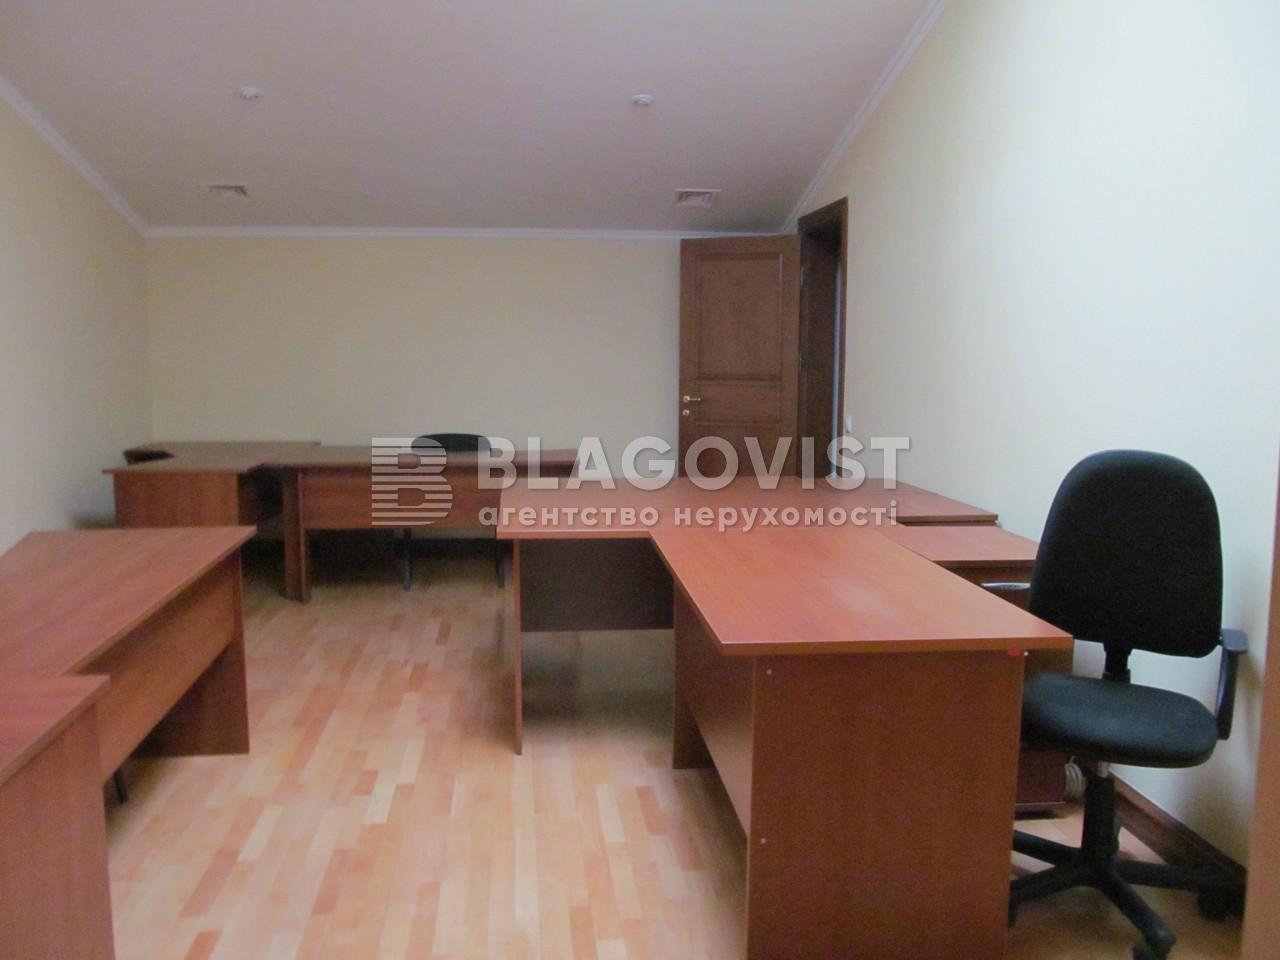 Нежилое помещение, H-34356, Липская, Киев - Фото 10